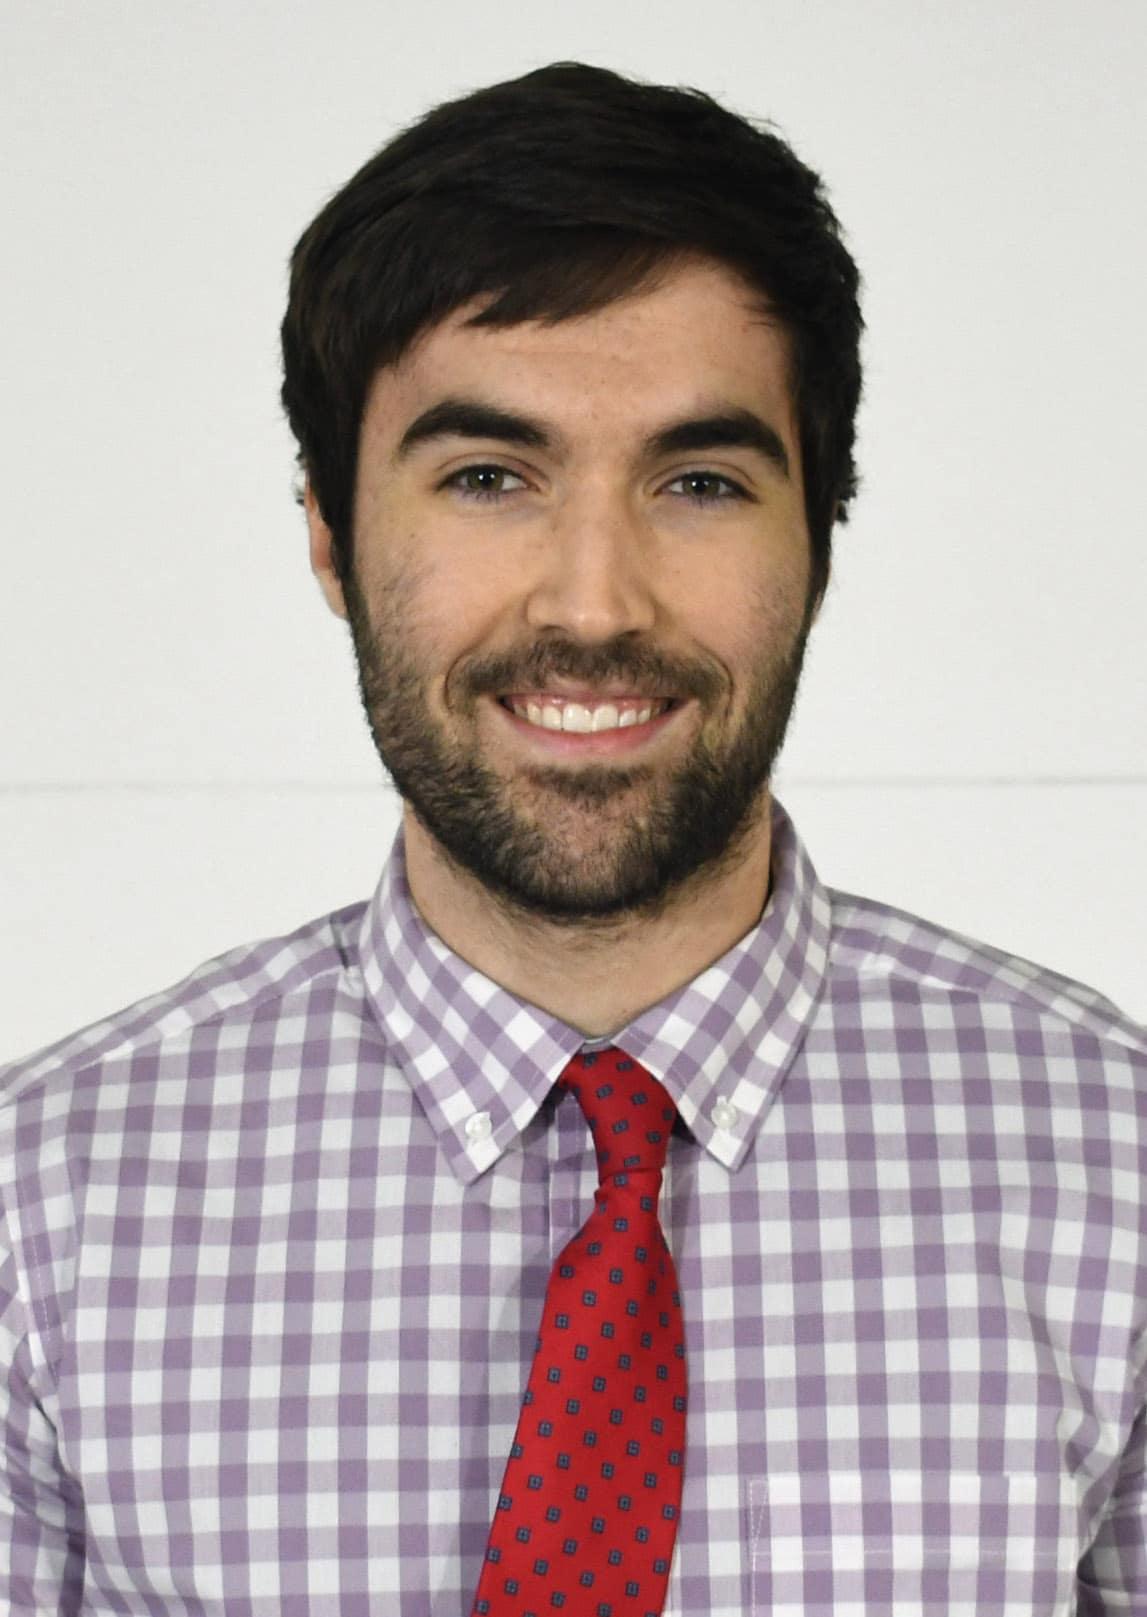 Zack Miller